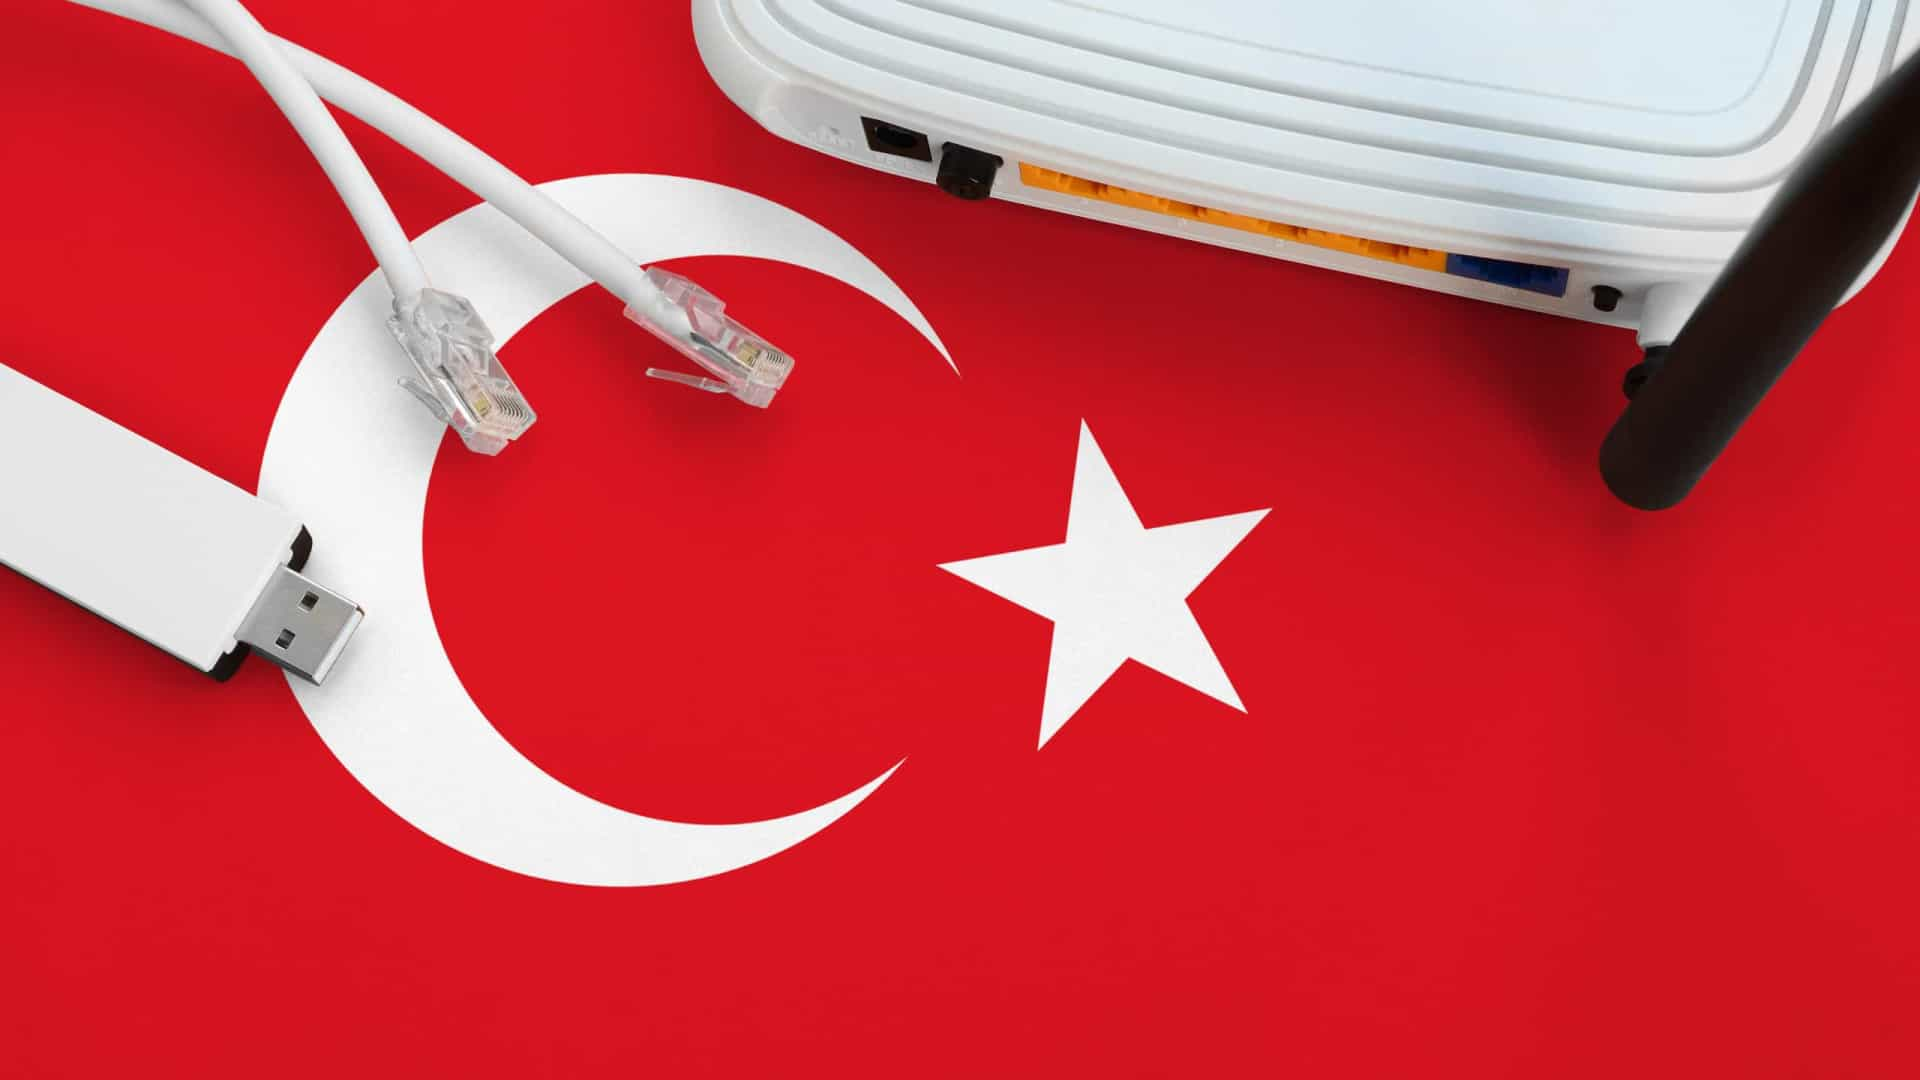 Turquia tem lei que aumenta controle de redes sociais por autoridades